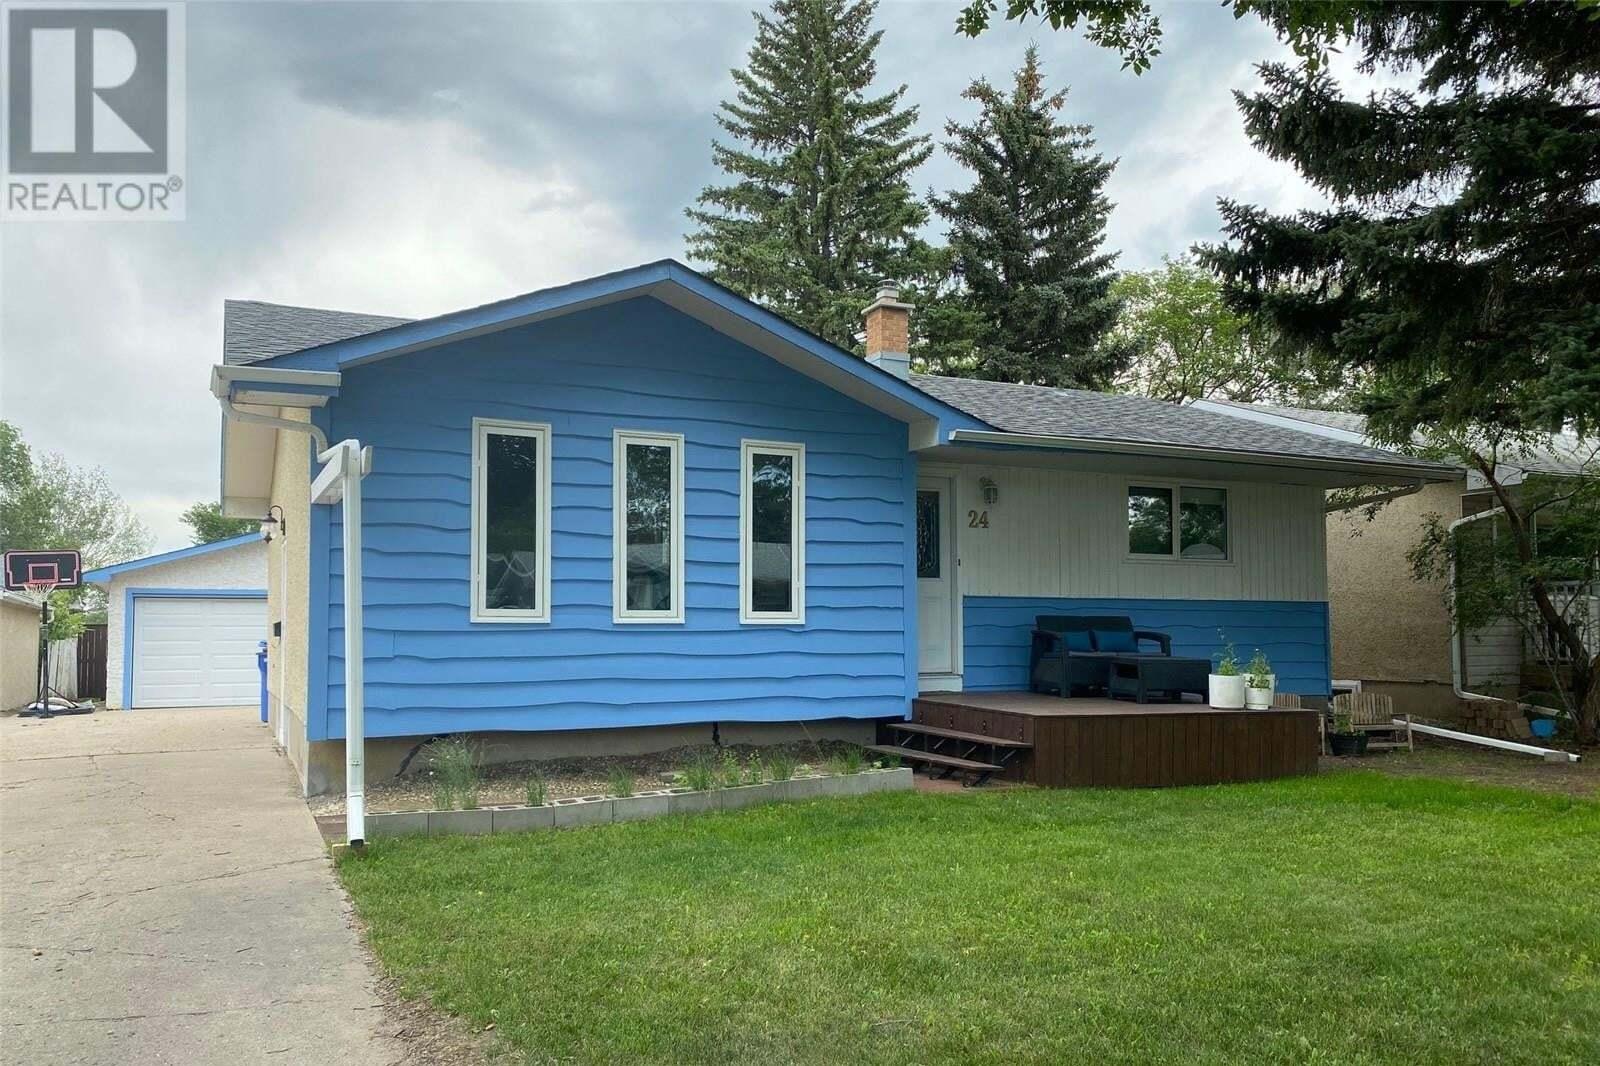 House for sale at 24 Upland Dr Regina Saskatchewan - MLS: SK819184